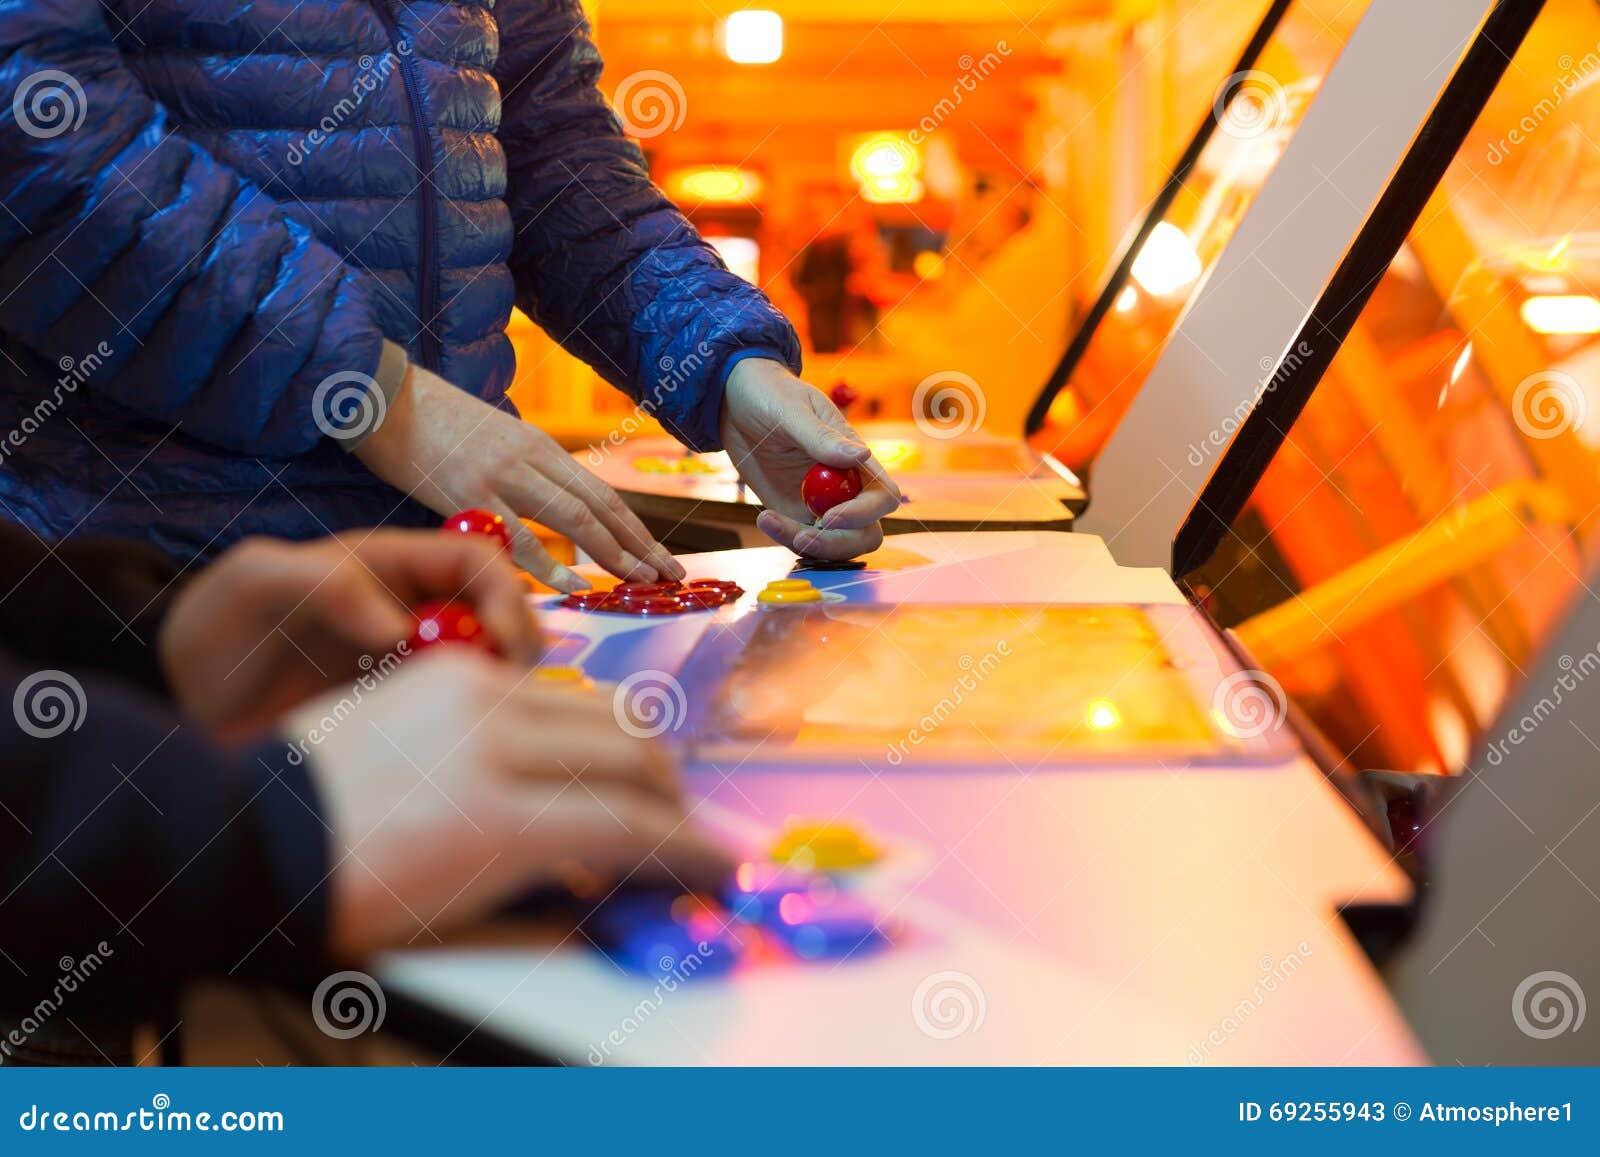 Detail über die Hände, die Steuerknüppel und rote Steuerknüppel halten und an ein Spiel und alten Säulengang spielen